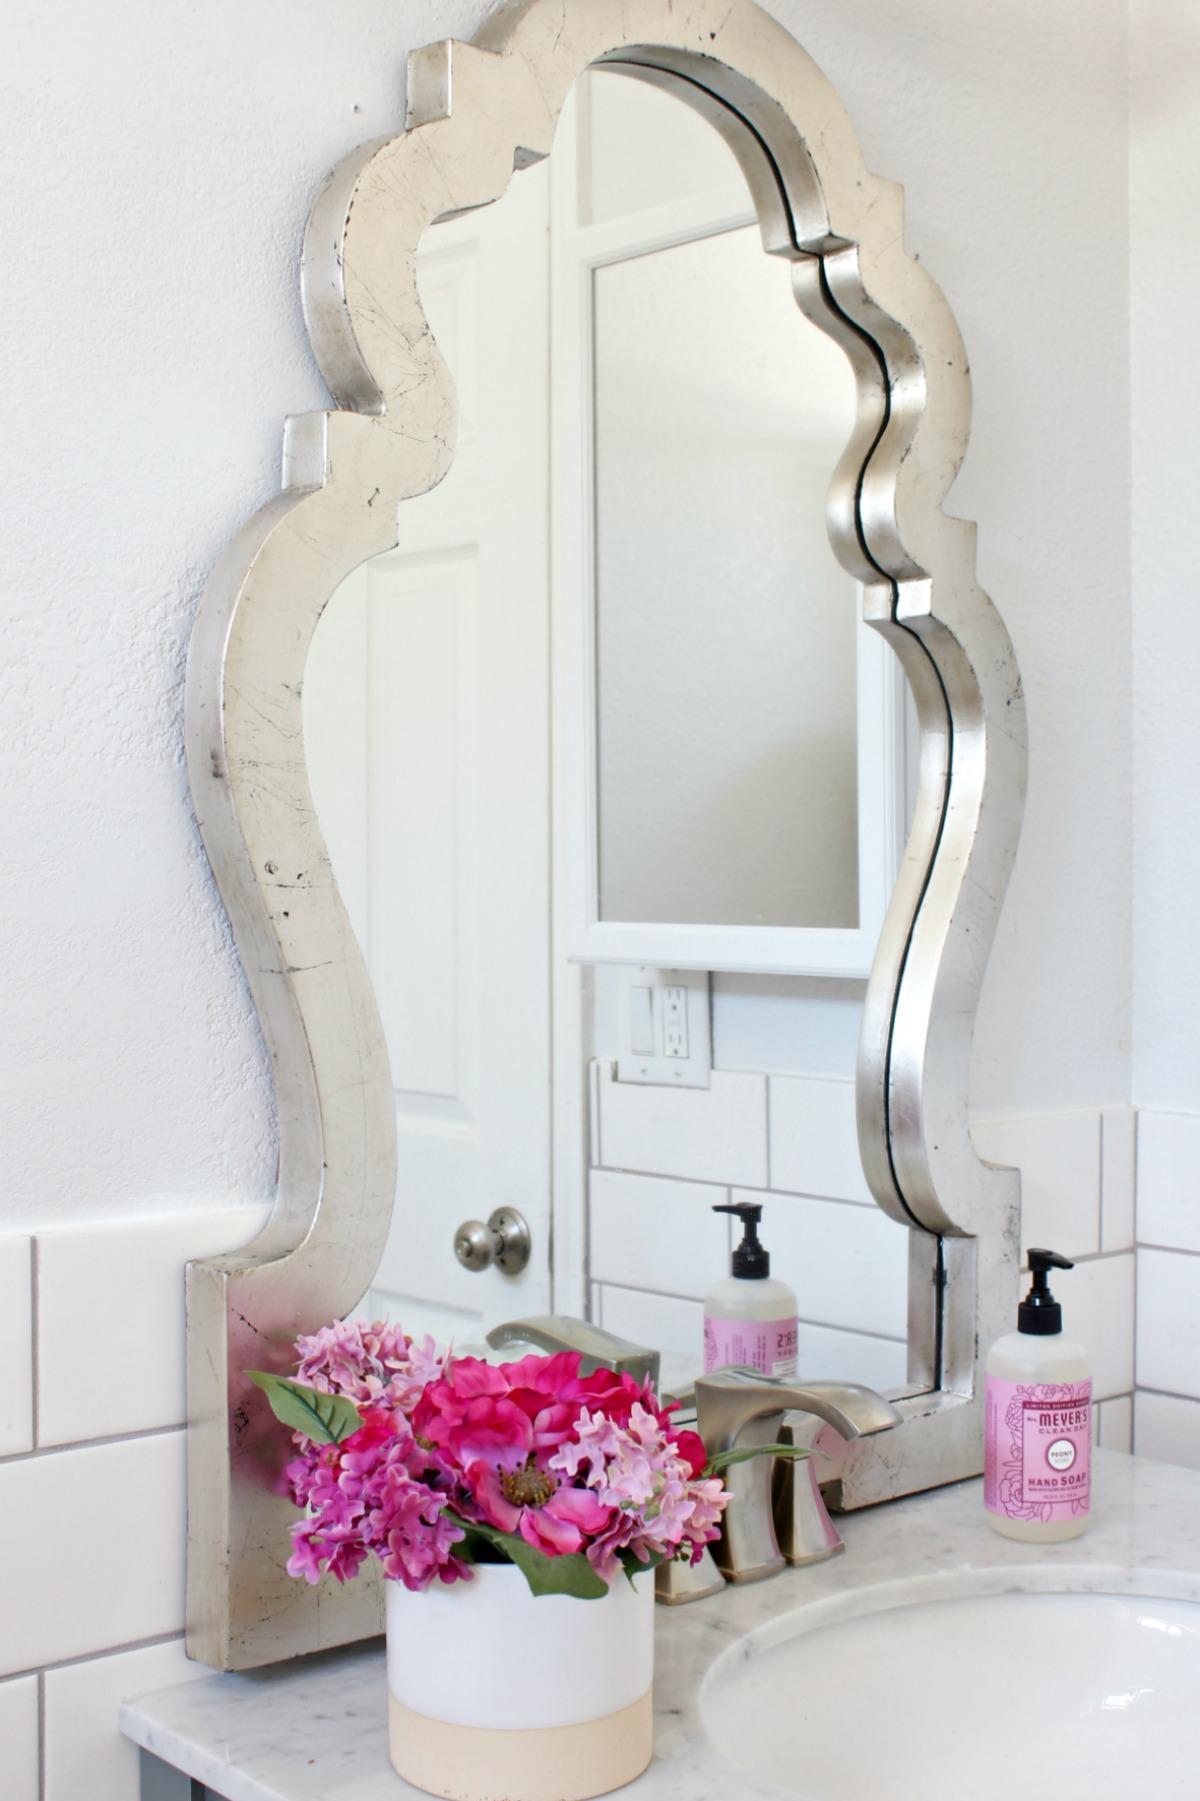 Pfister faucet review - www.classyclutter.net